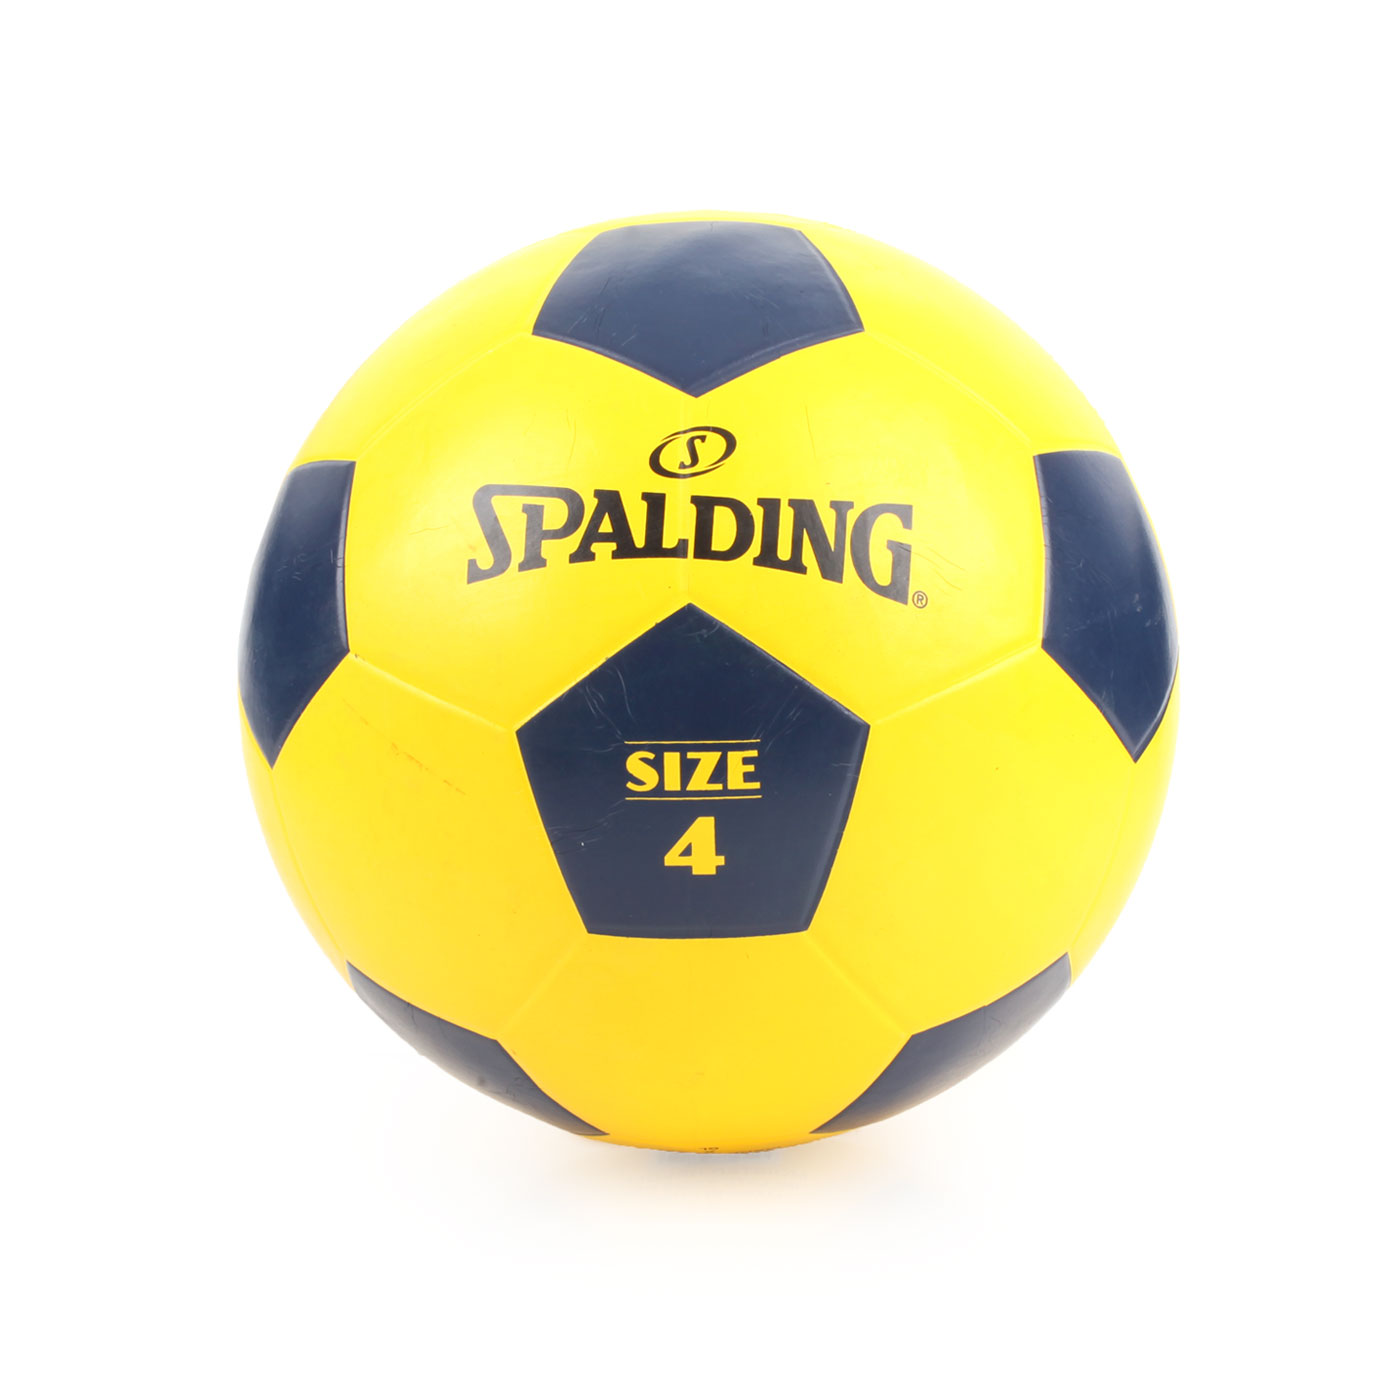 SPALDING Team 足球 #4 SPBC4001